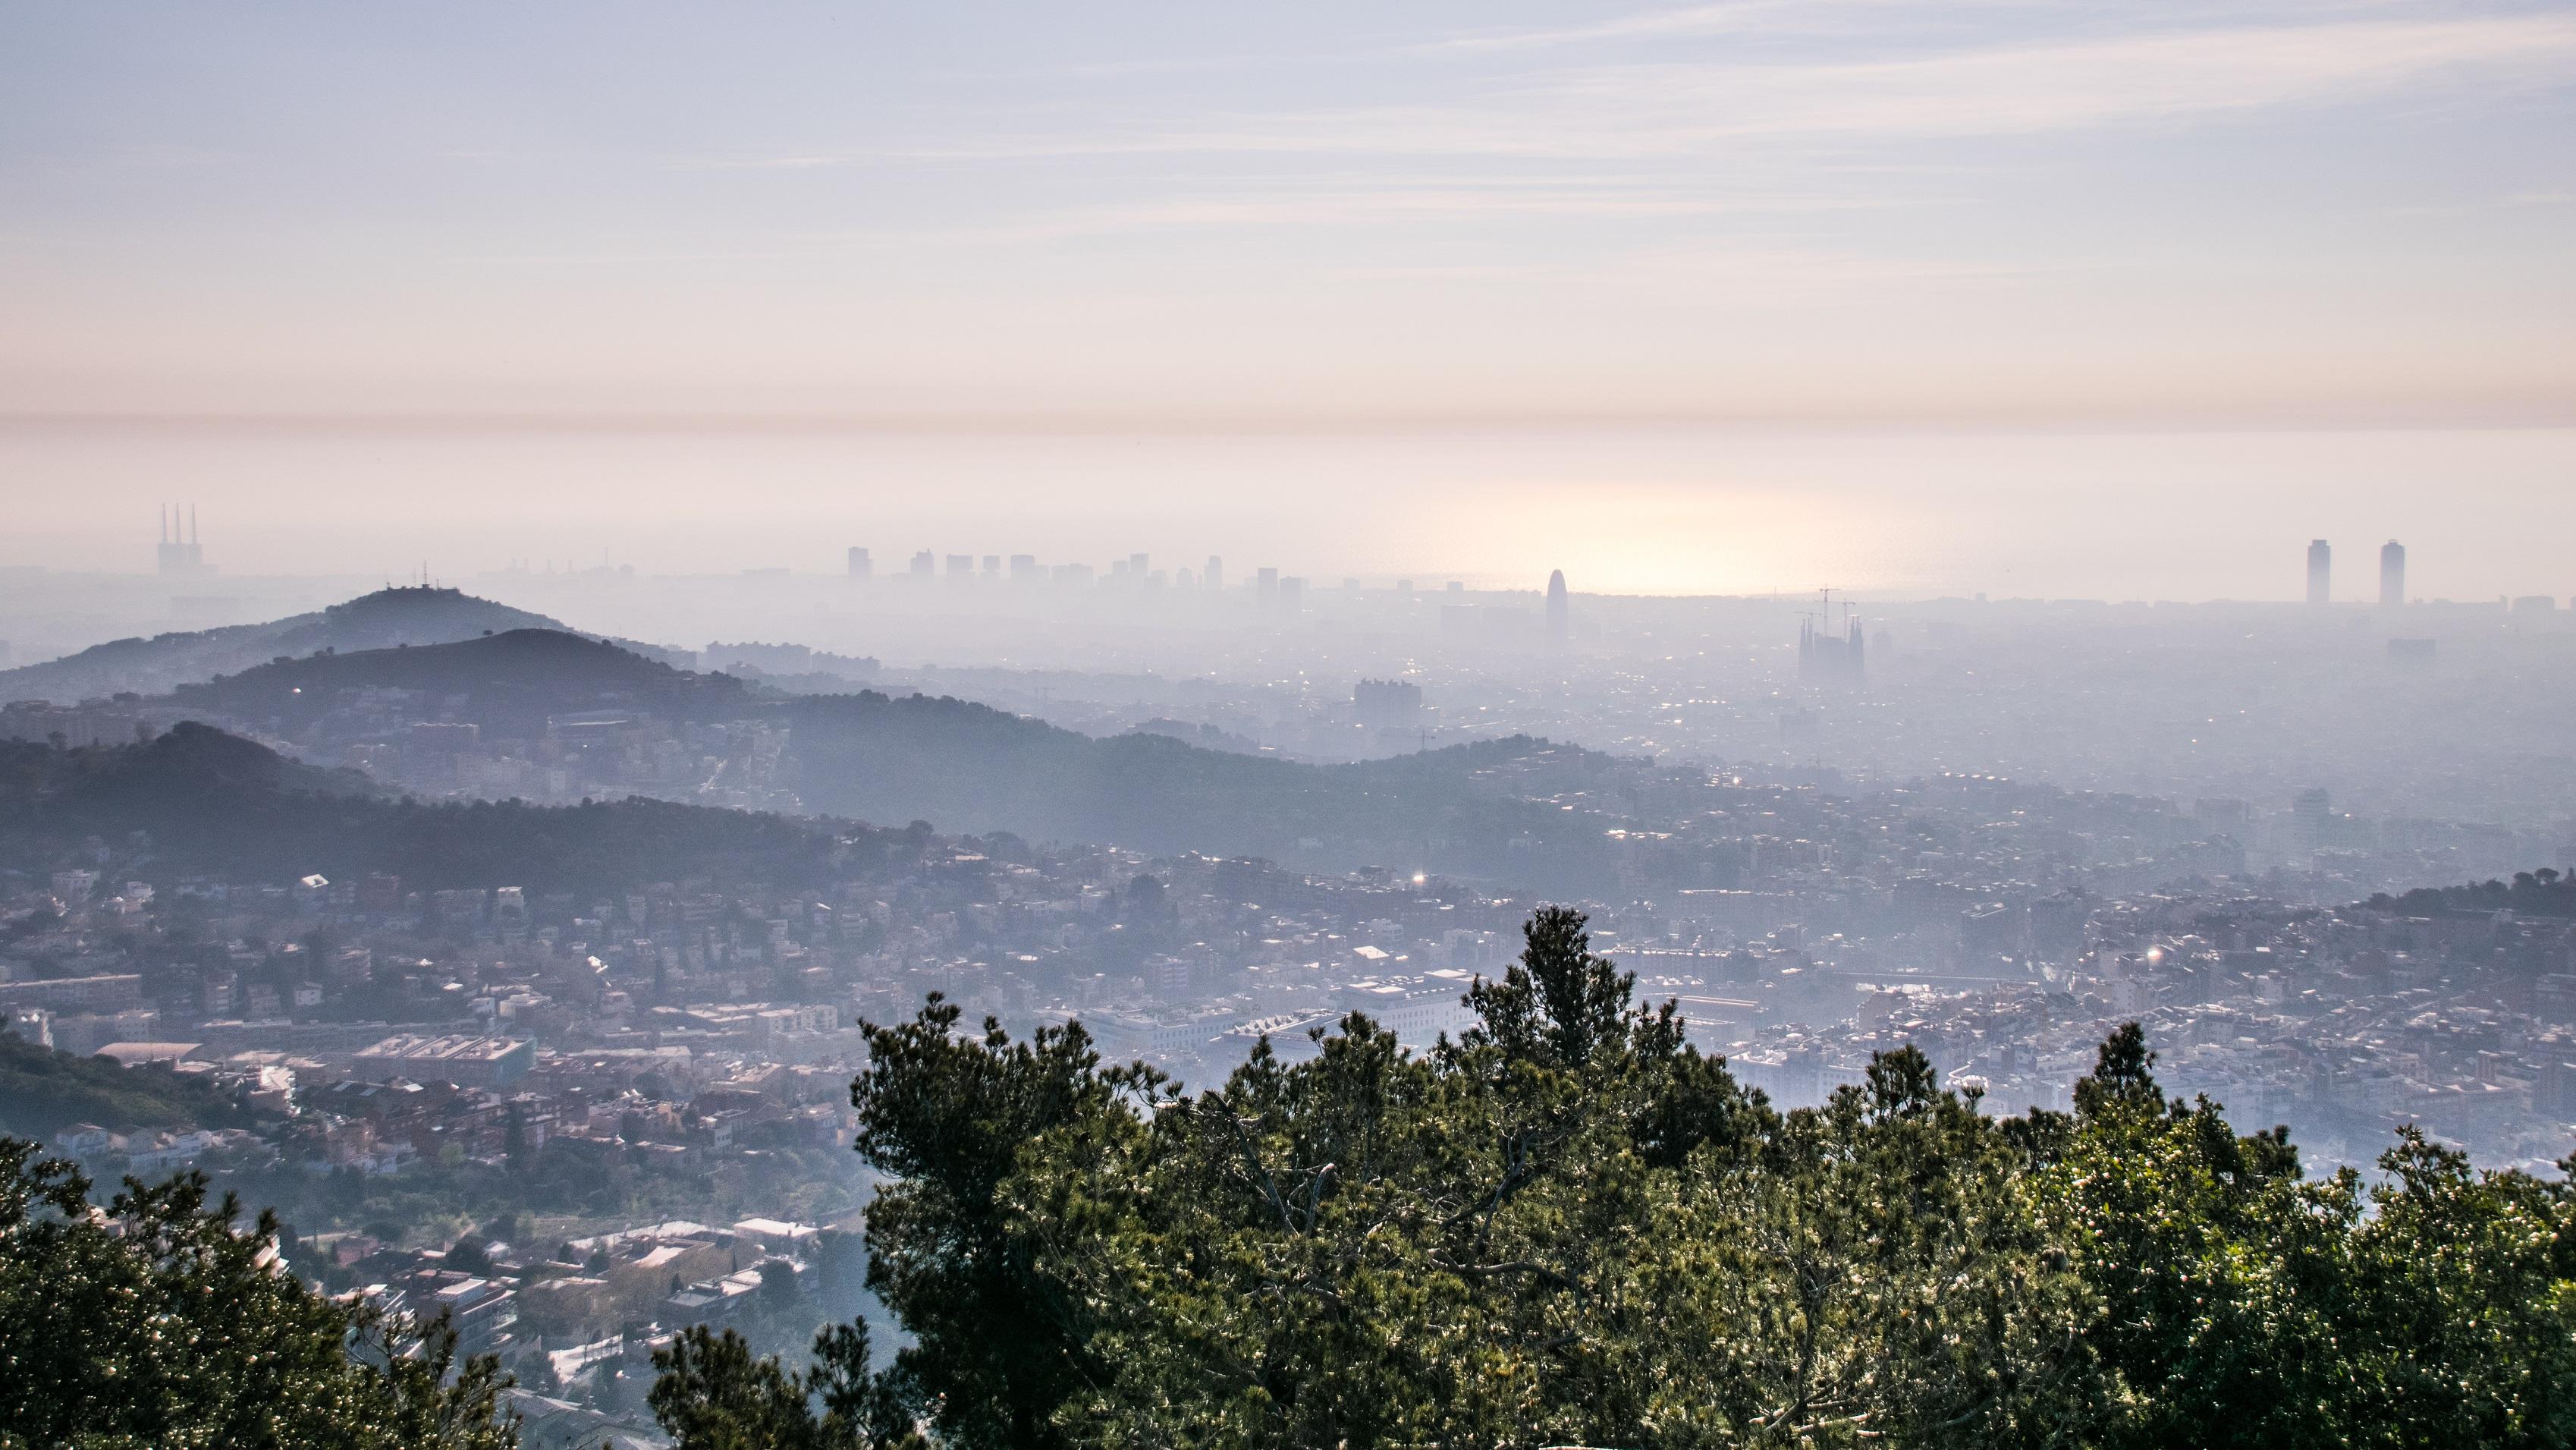 Se estima que en el futuro habrá pérdidas de ozono hasta un 70% mayores que ahora, lo que beneficiará a la calidad del aire. Imagen:  Alfons Puertas / Observatorio Fabra / CSIC